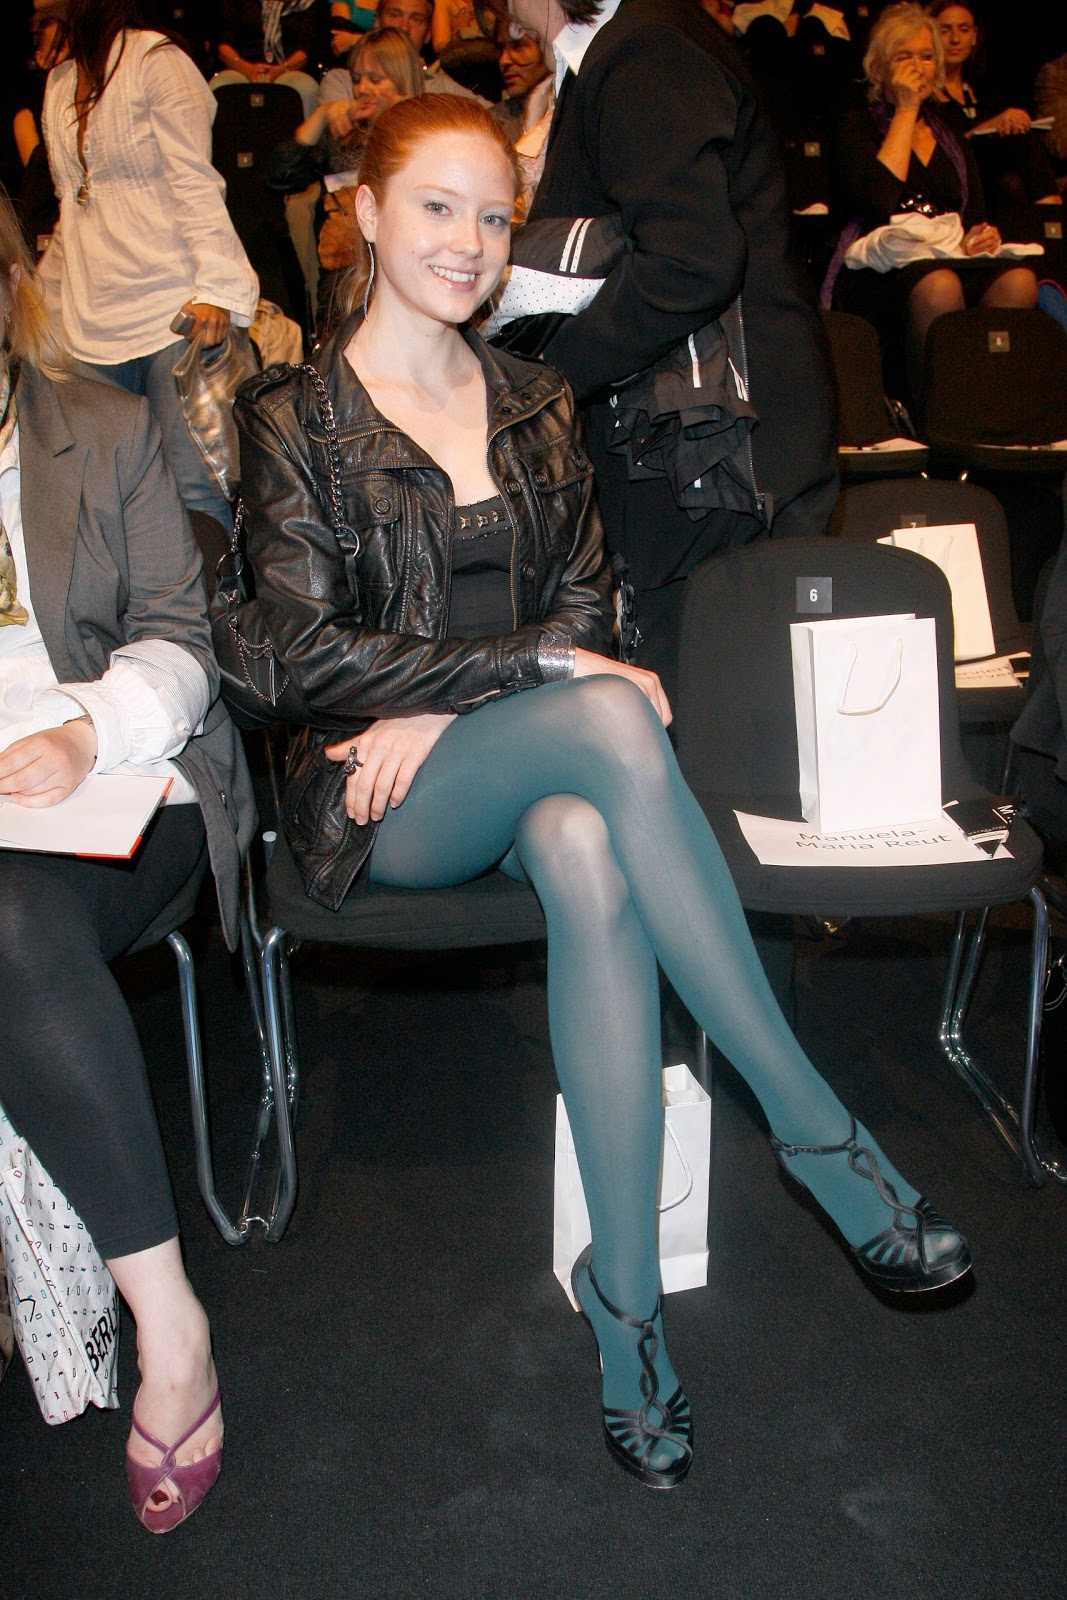 image Sarah blake stockings and fucking